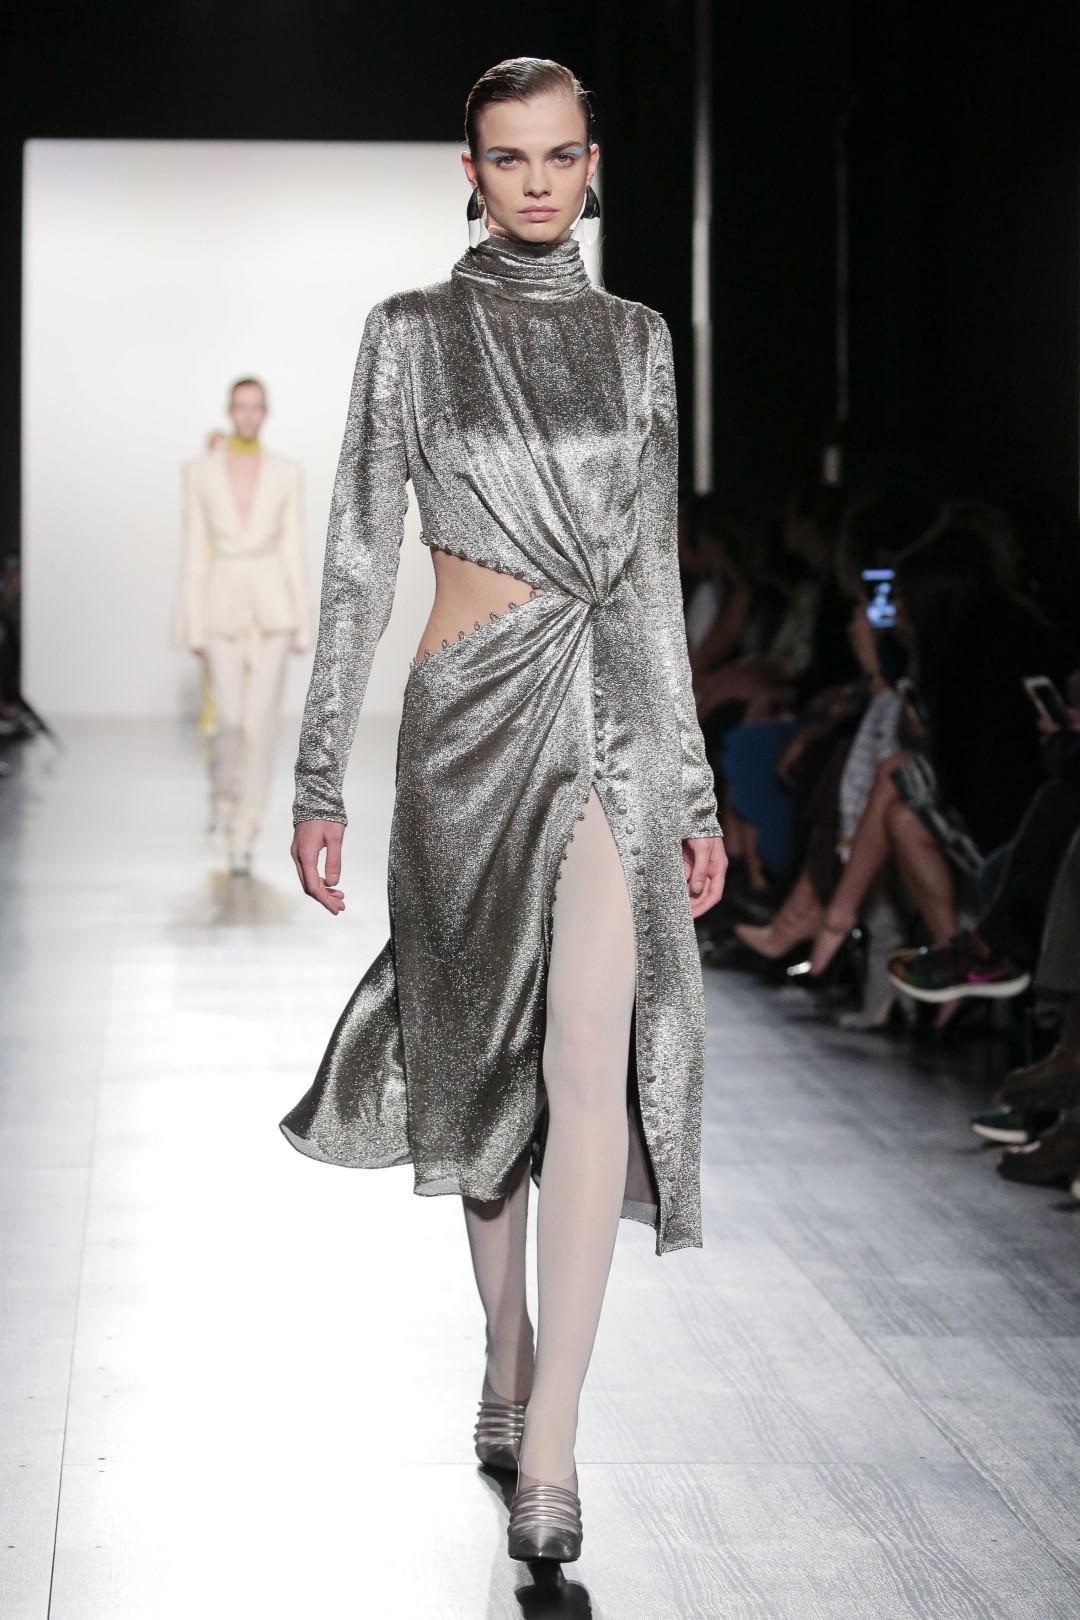 Moda: bagliori d argento